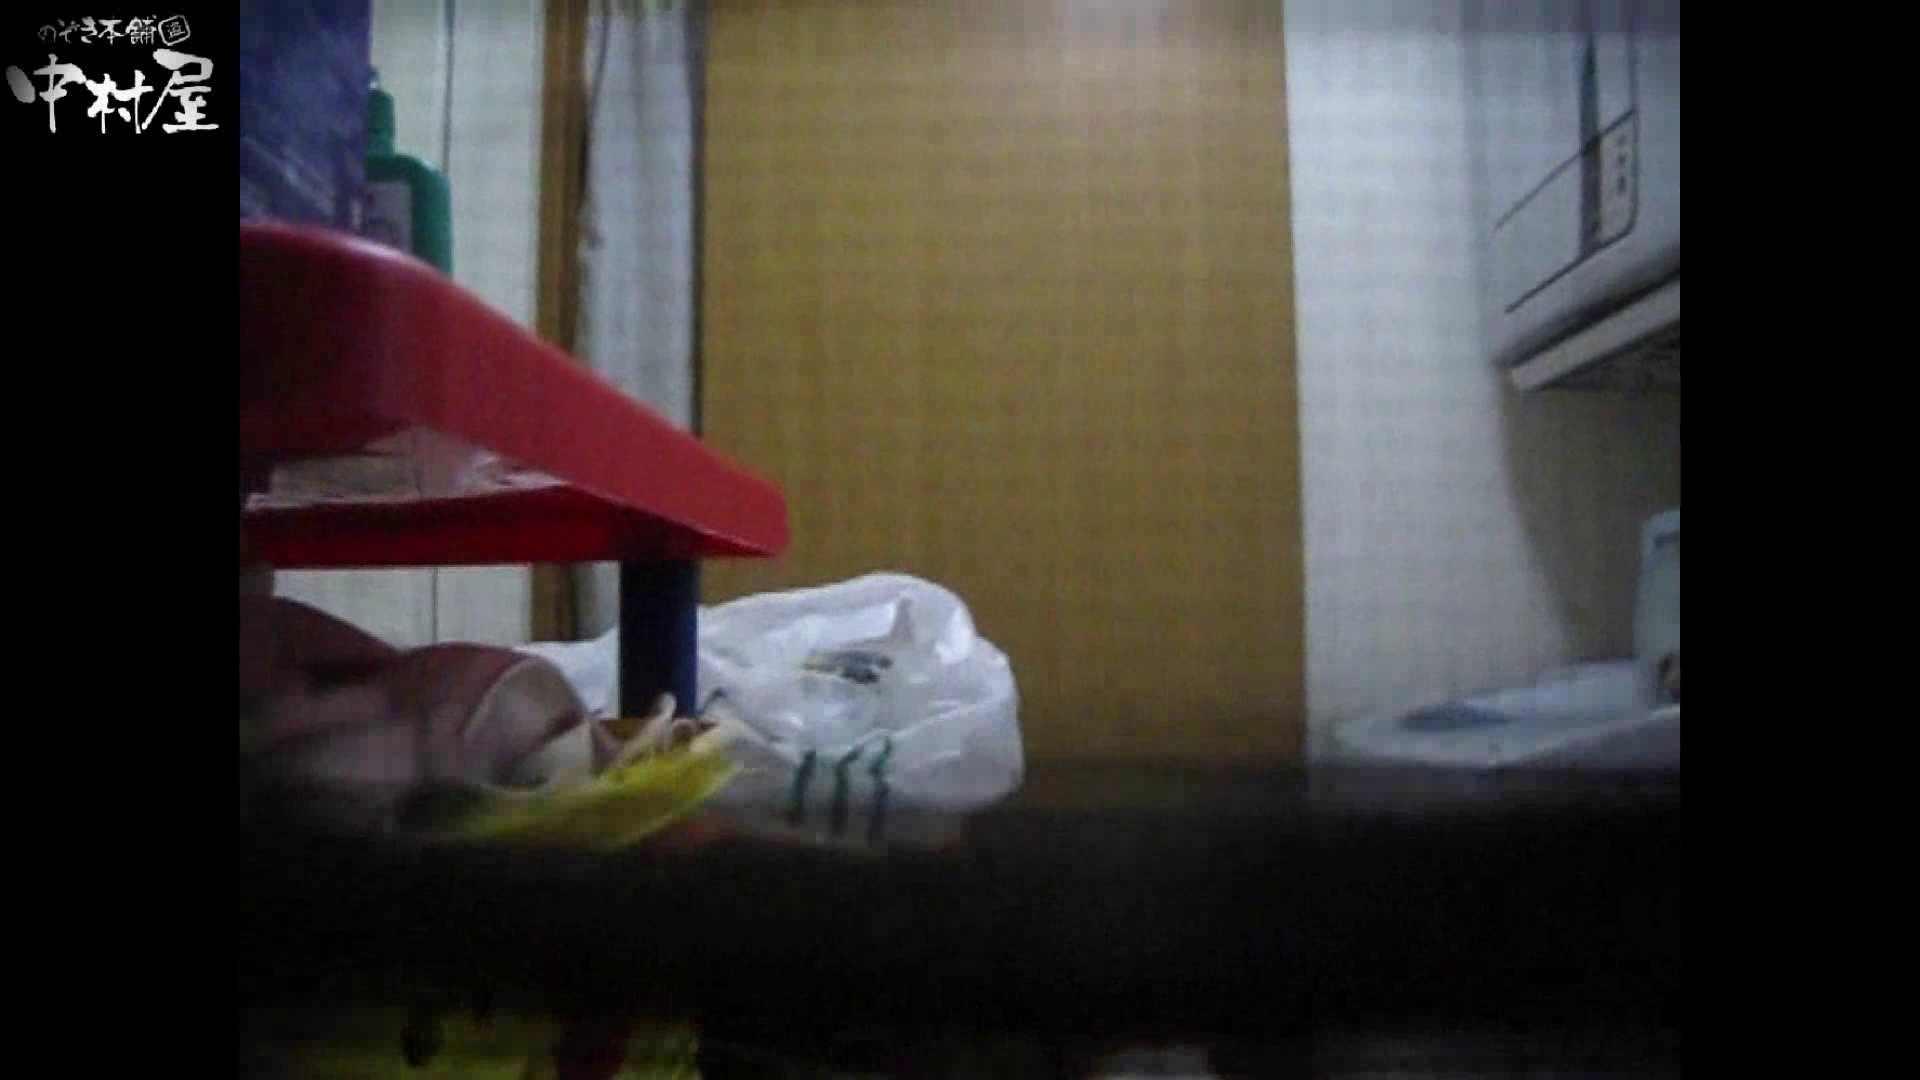 民家風呂専門盗撮師の超危険映像 vol.011 OLセックス | 民家エロ投稿  64画像 19